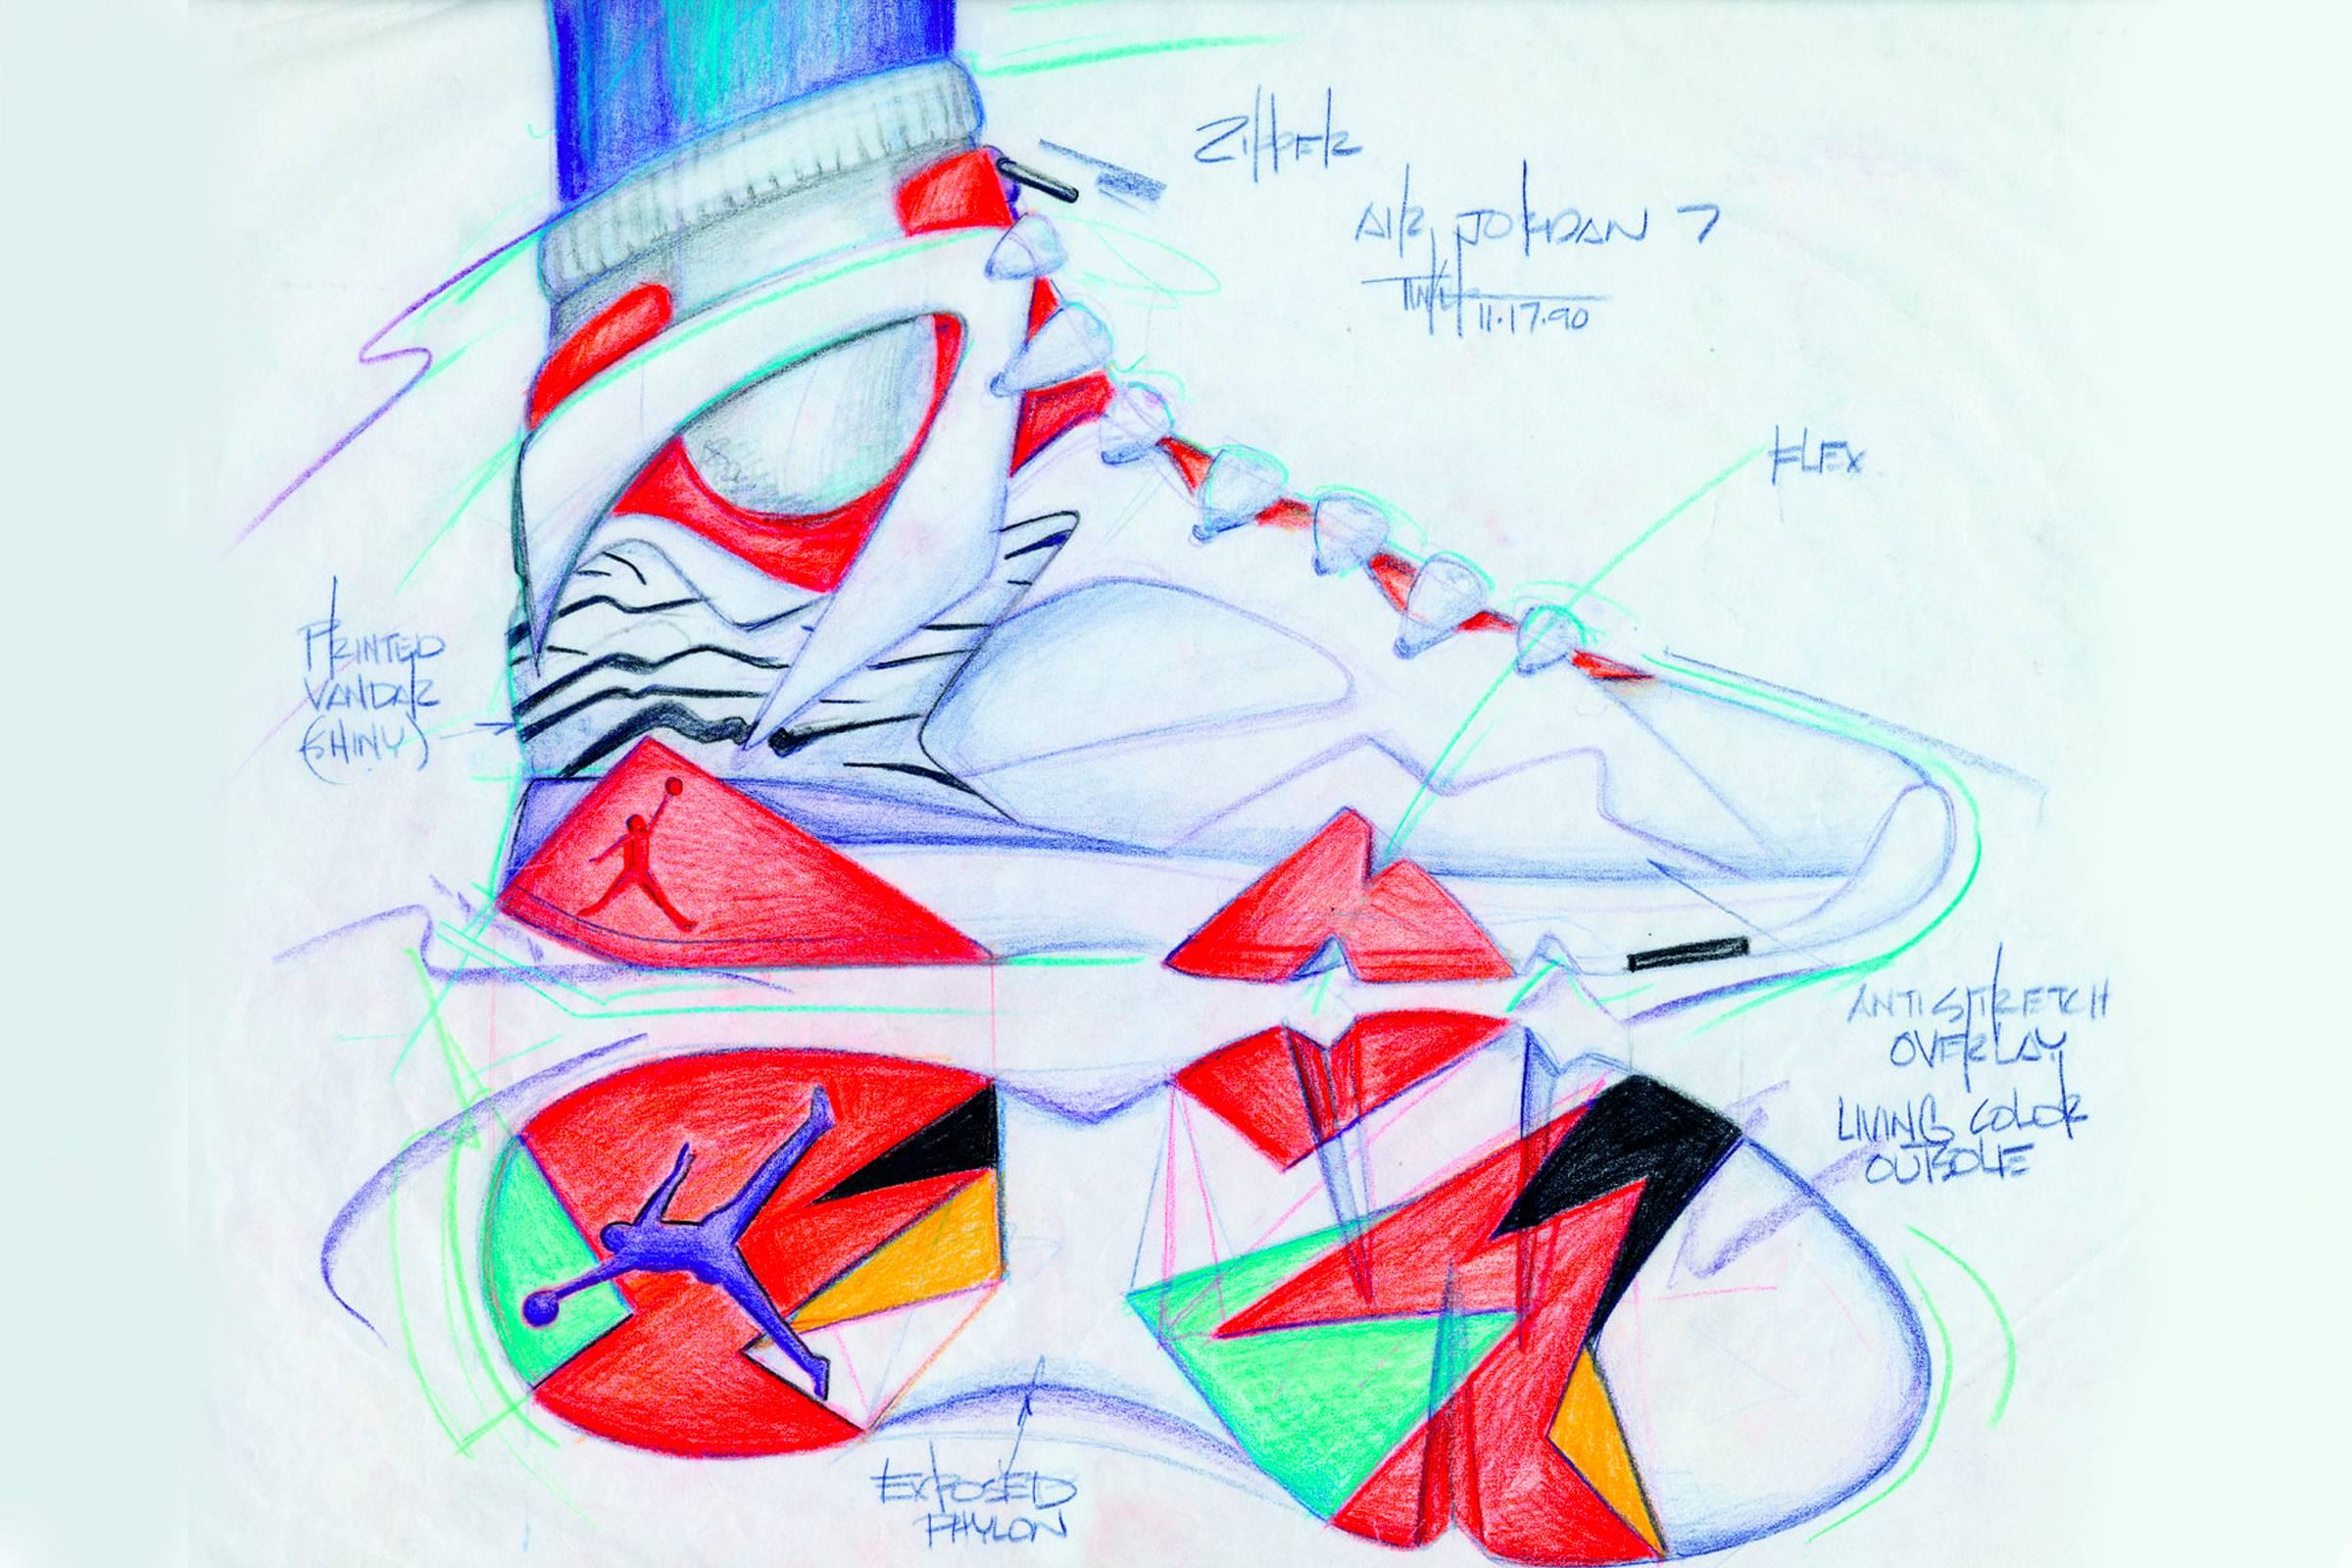 A Jordan VIII concept sketch, 1990.